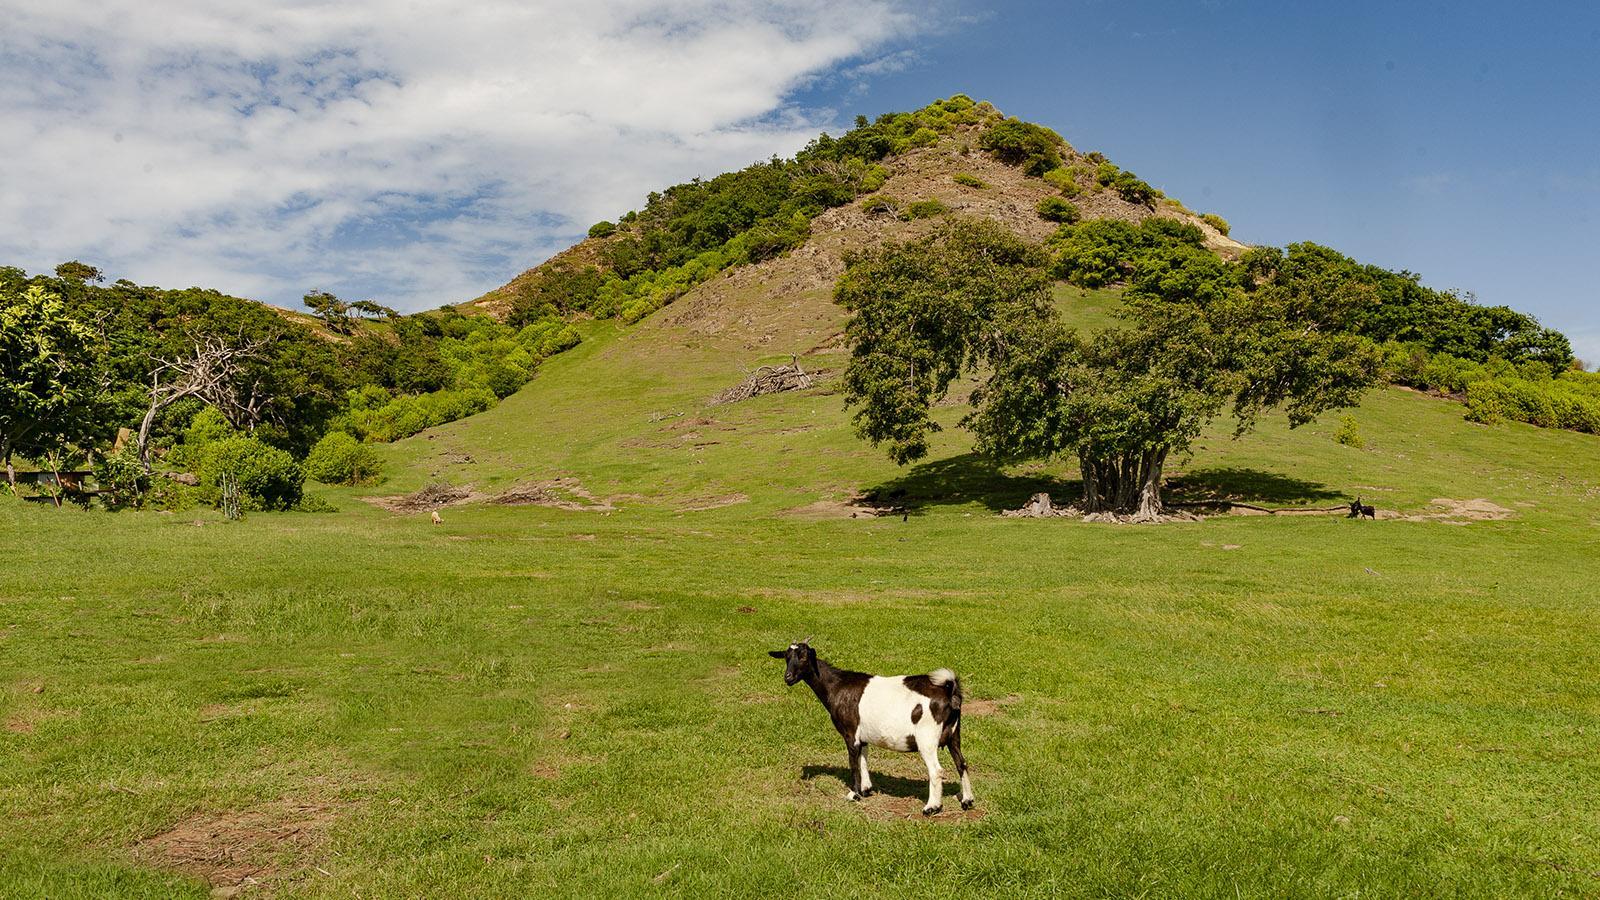 Les Saintes: Auf den kargen Weiden grasen Ziegen. Foto: Hilke Maunder